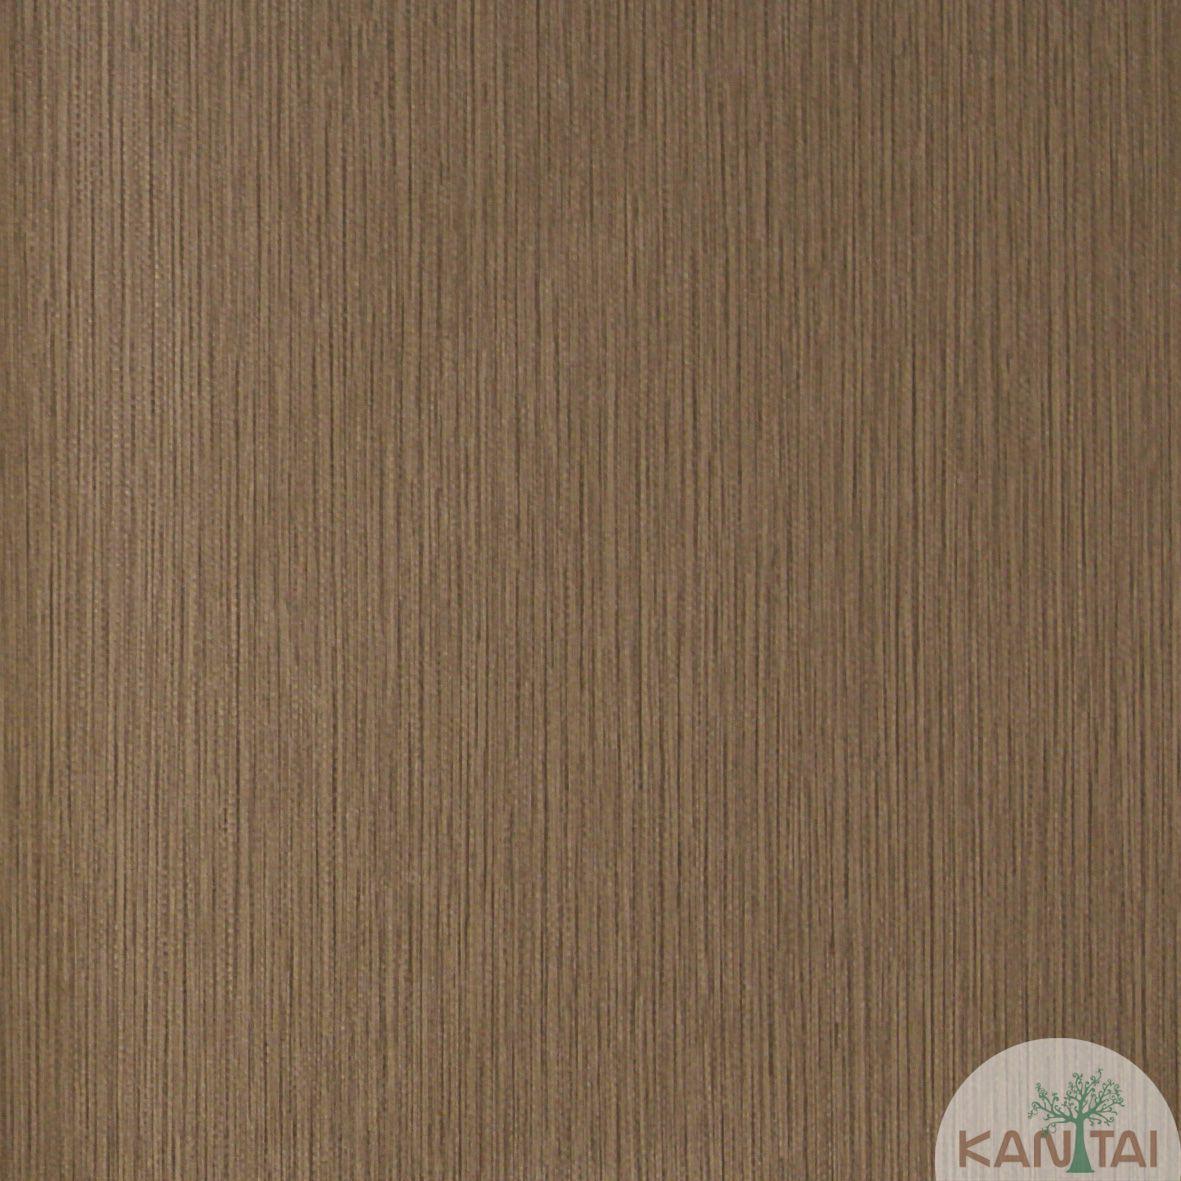 Papel de Parede Importado  Kan Tai  TNT Coleção Grace Textura Riscas Verticais Marrom